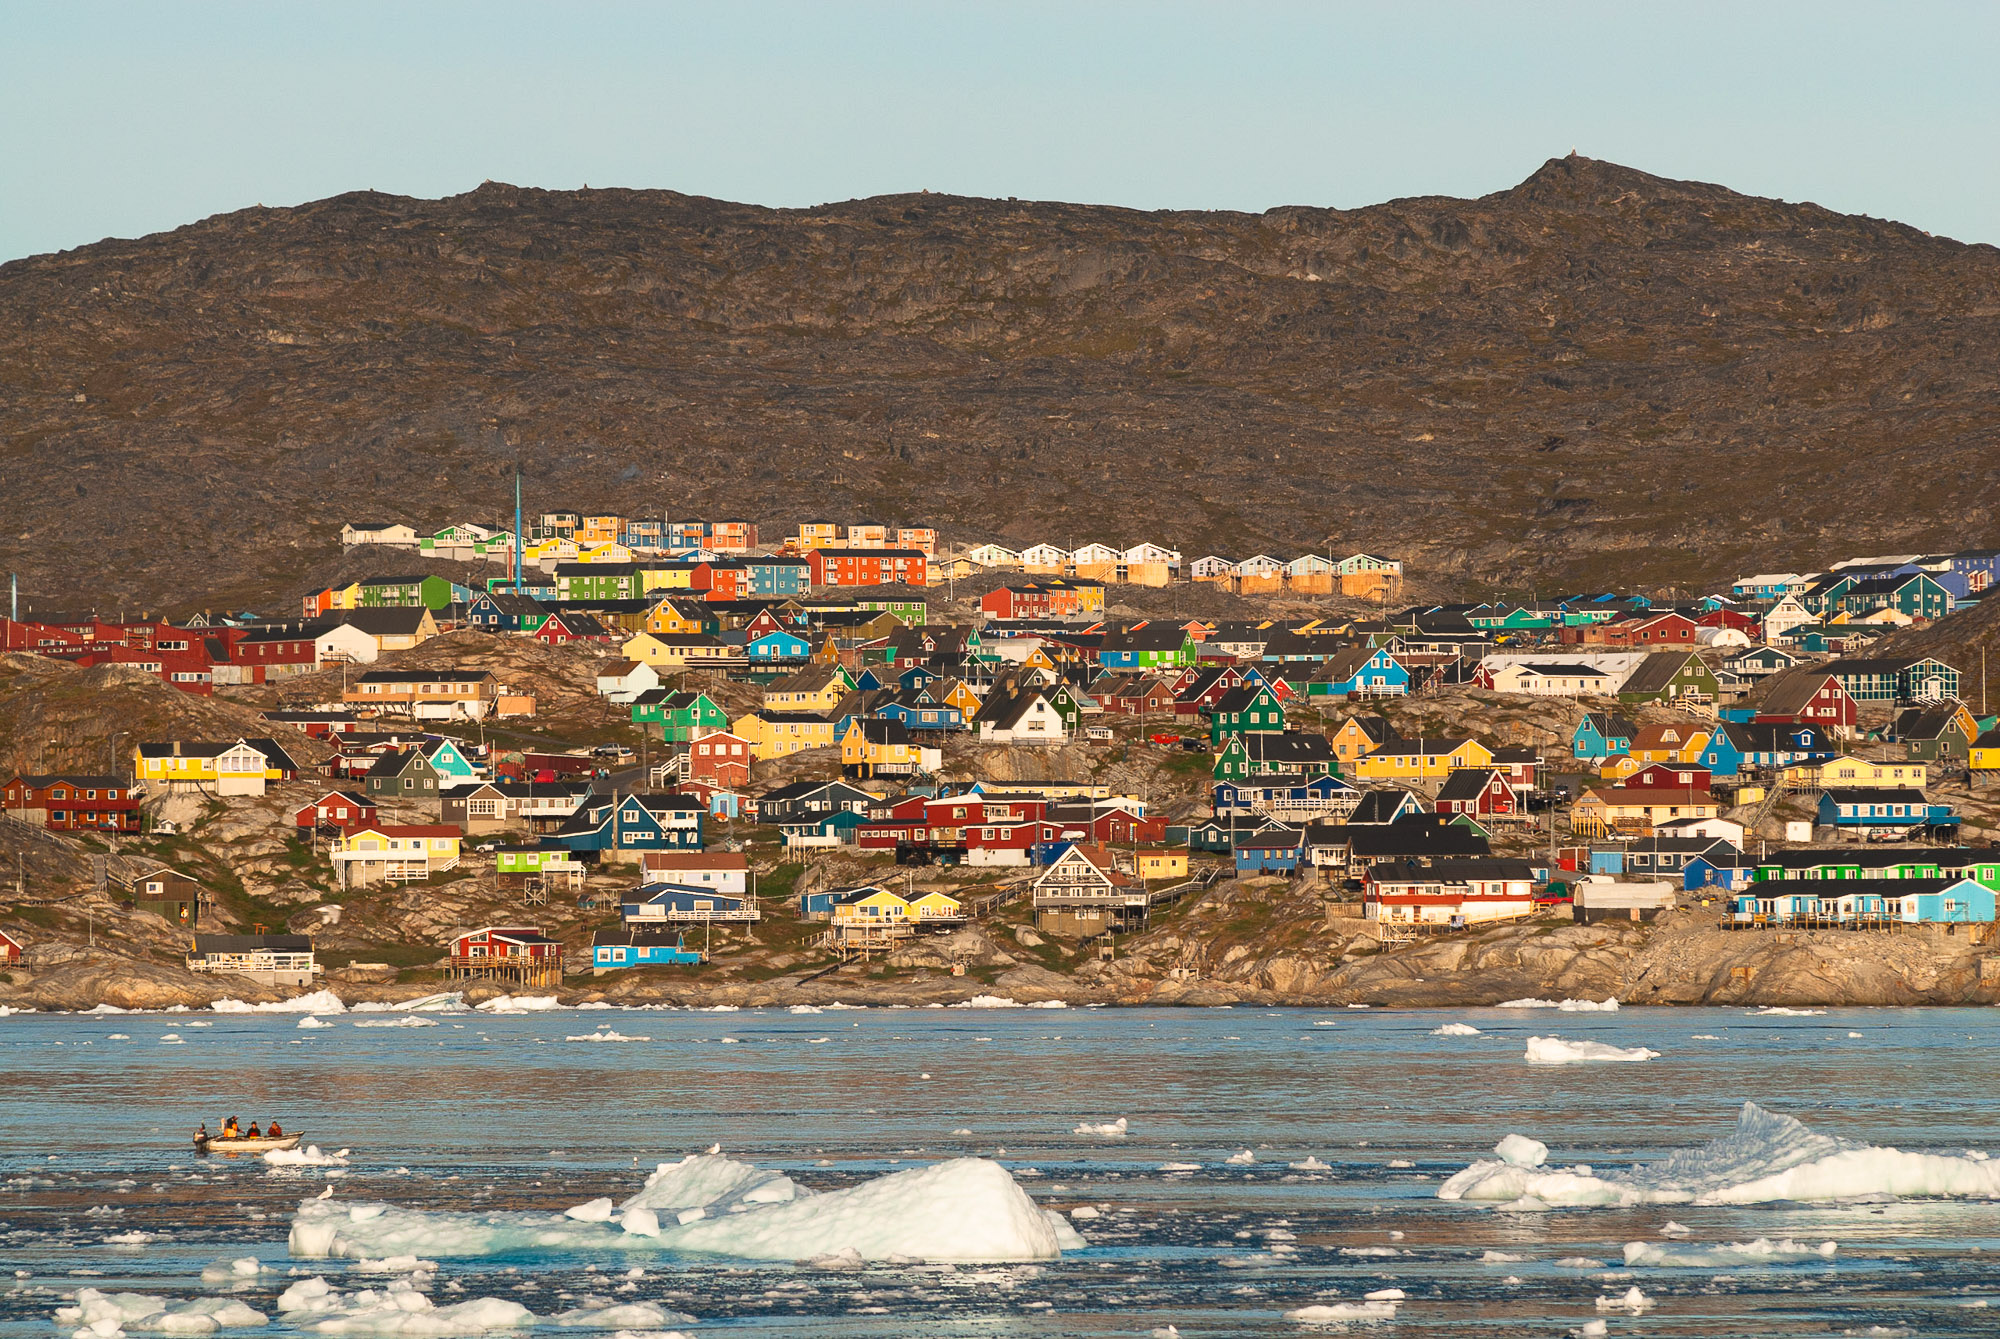 Ilulissat, Greenland. © www.thomaspickard.com